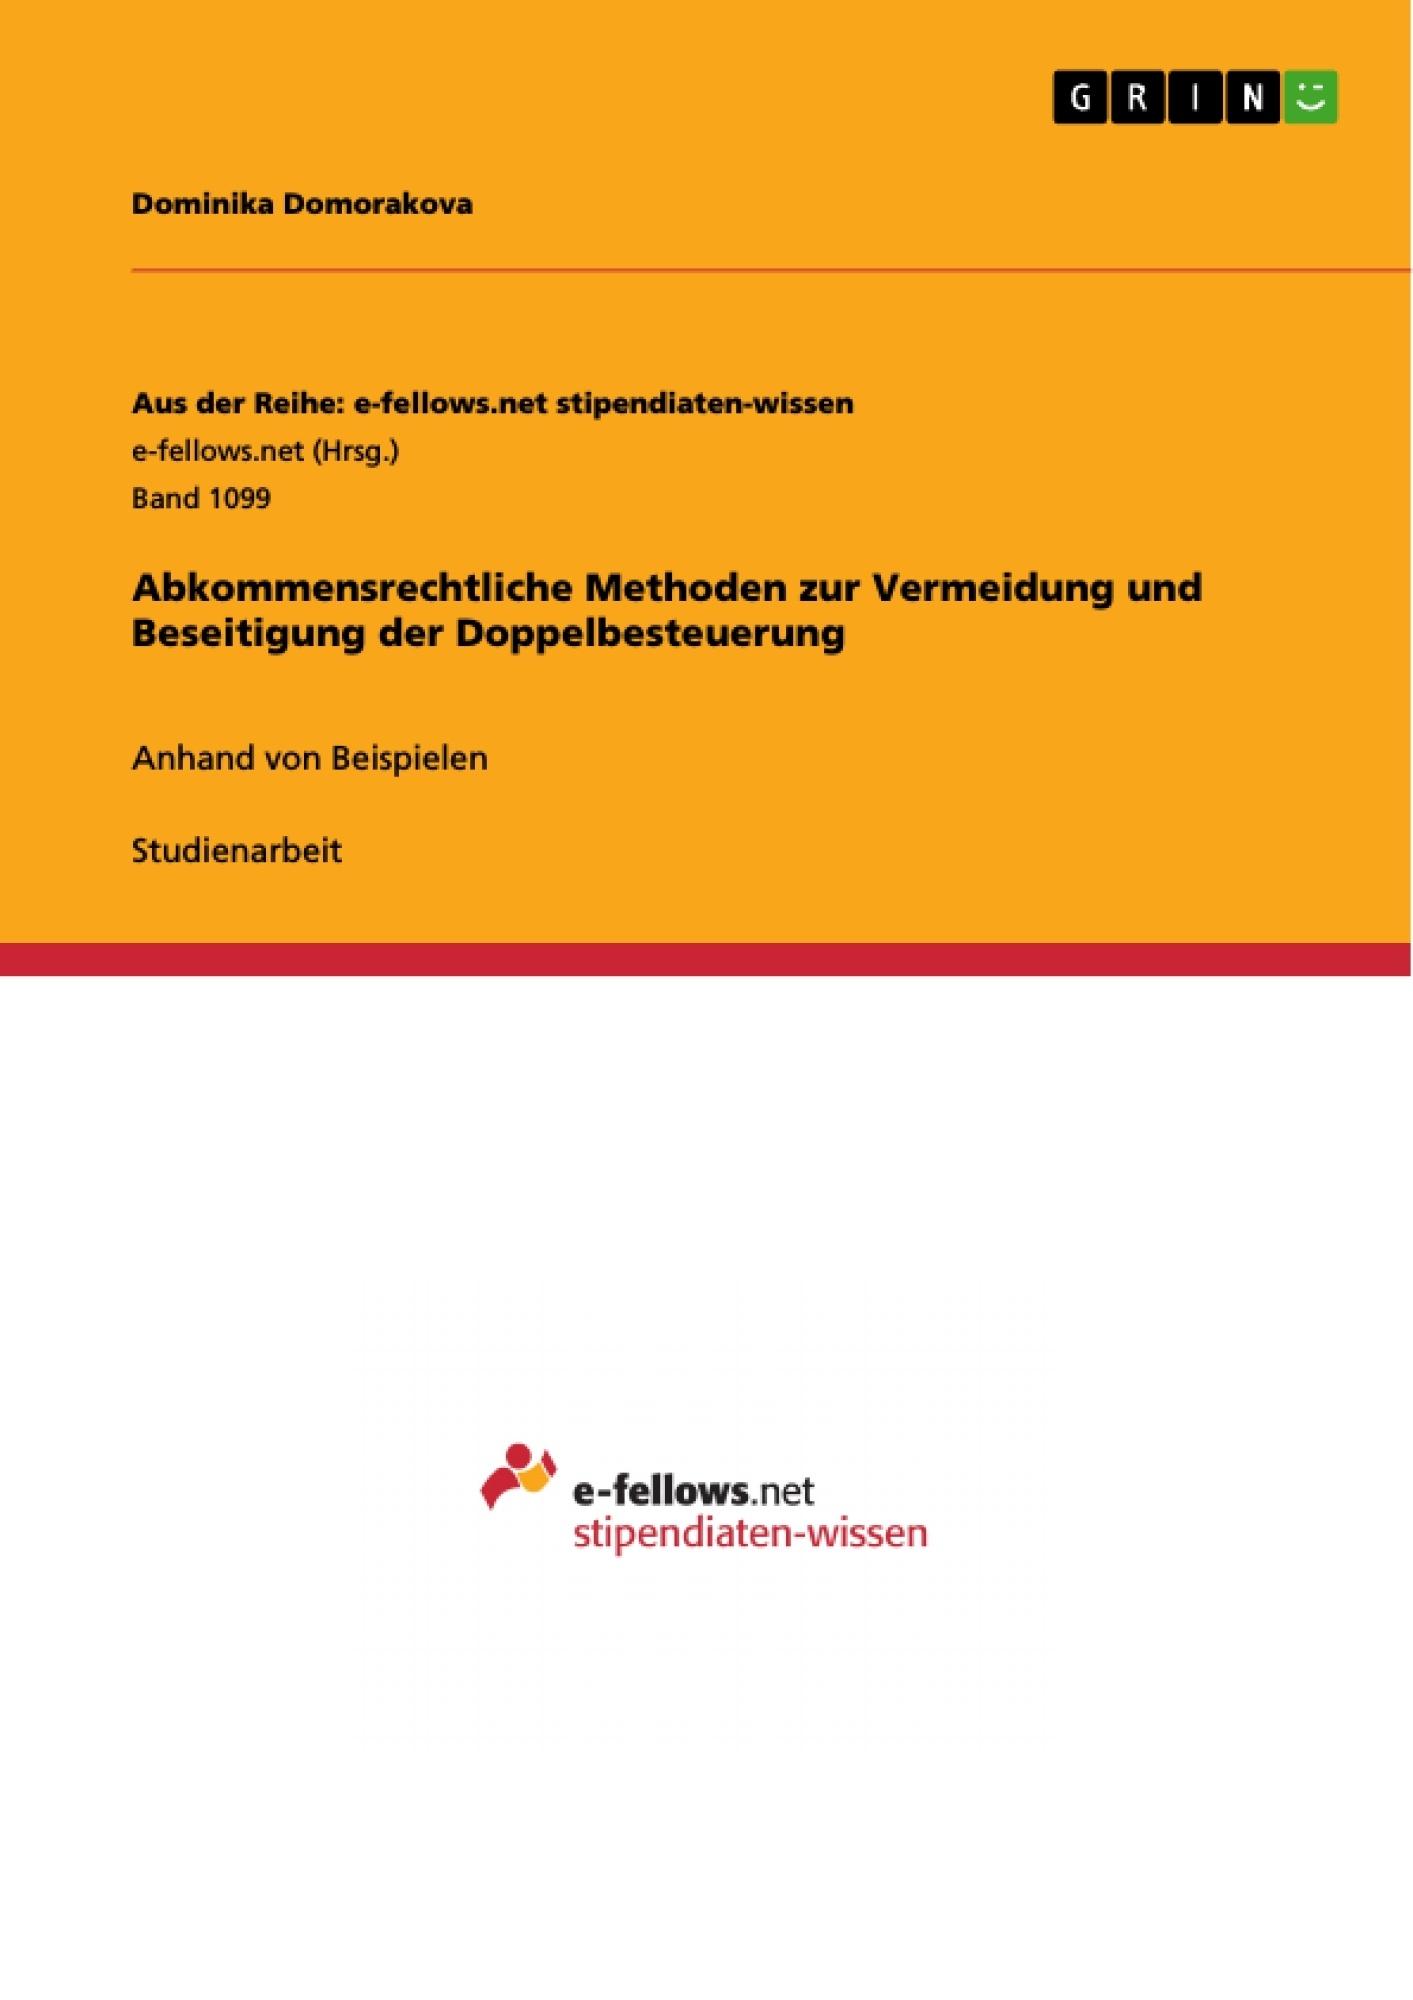 Titel: Abkommensrechtliche Methoden zur Vermeidung und Beseitigung der Doppelbesteuerung